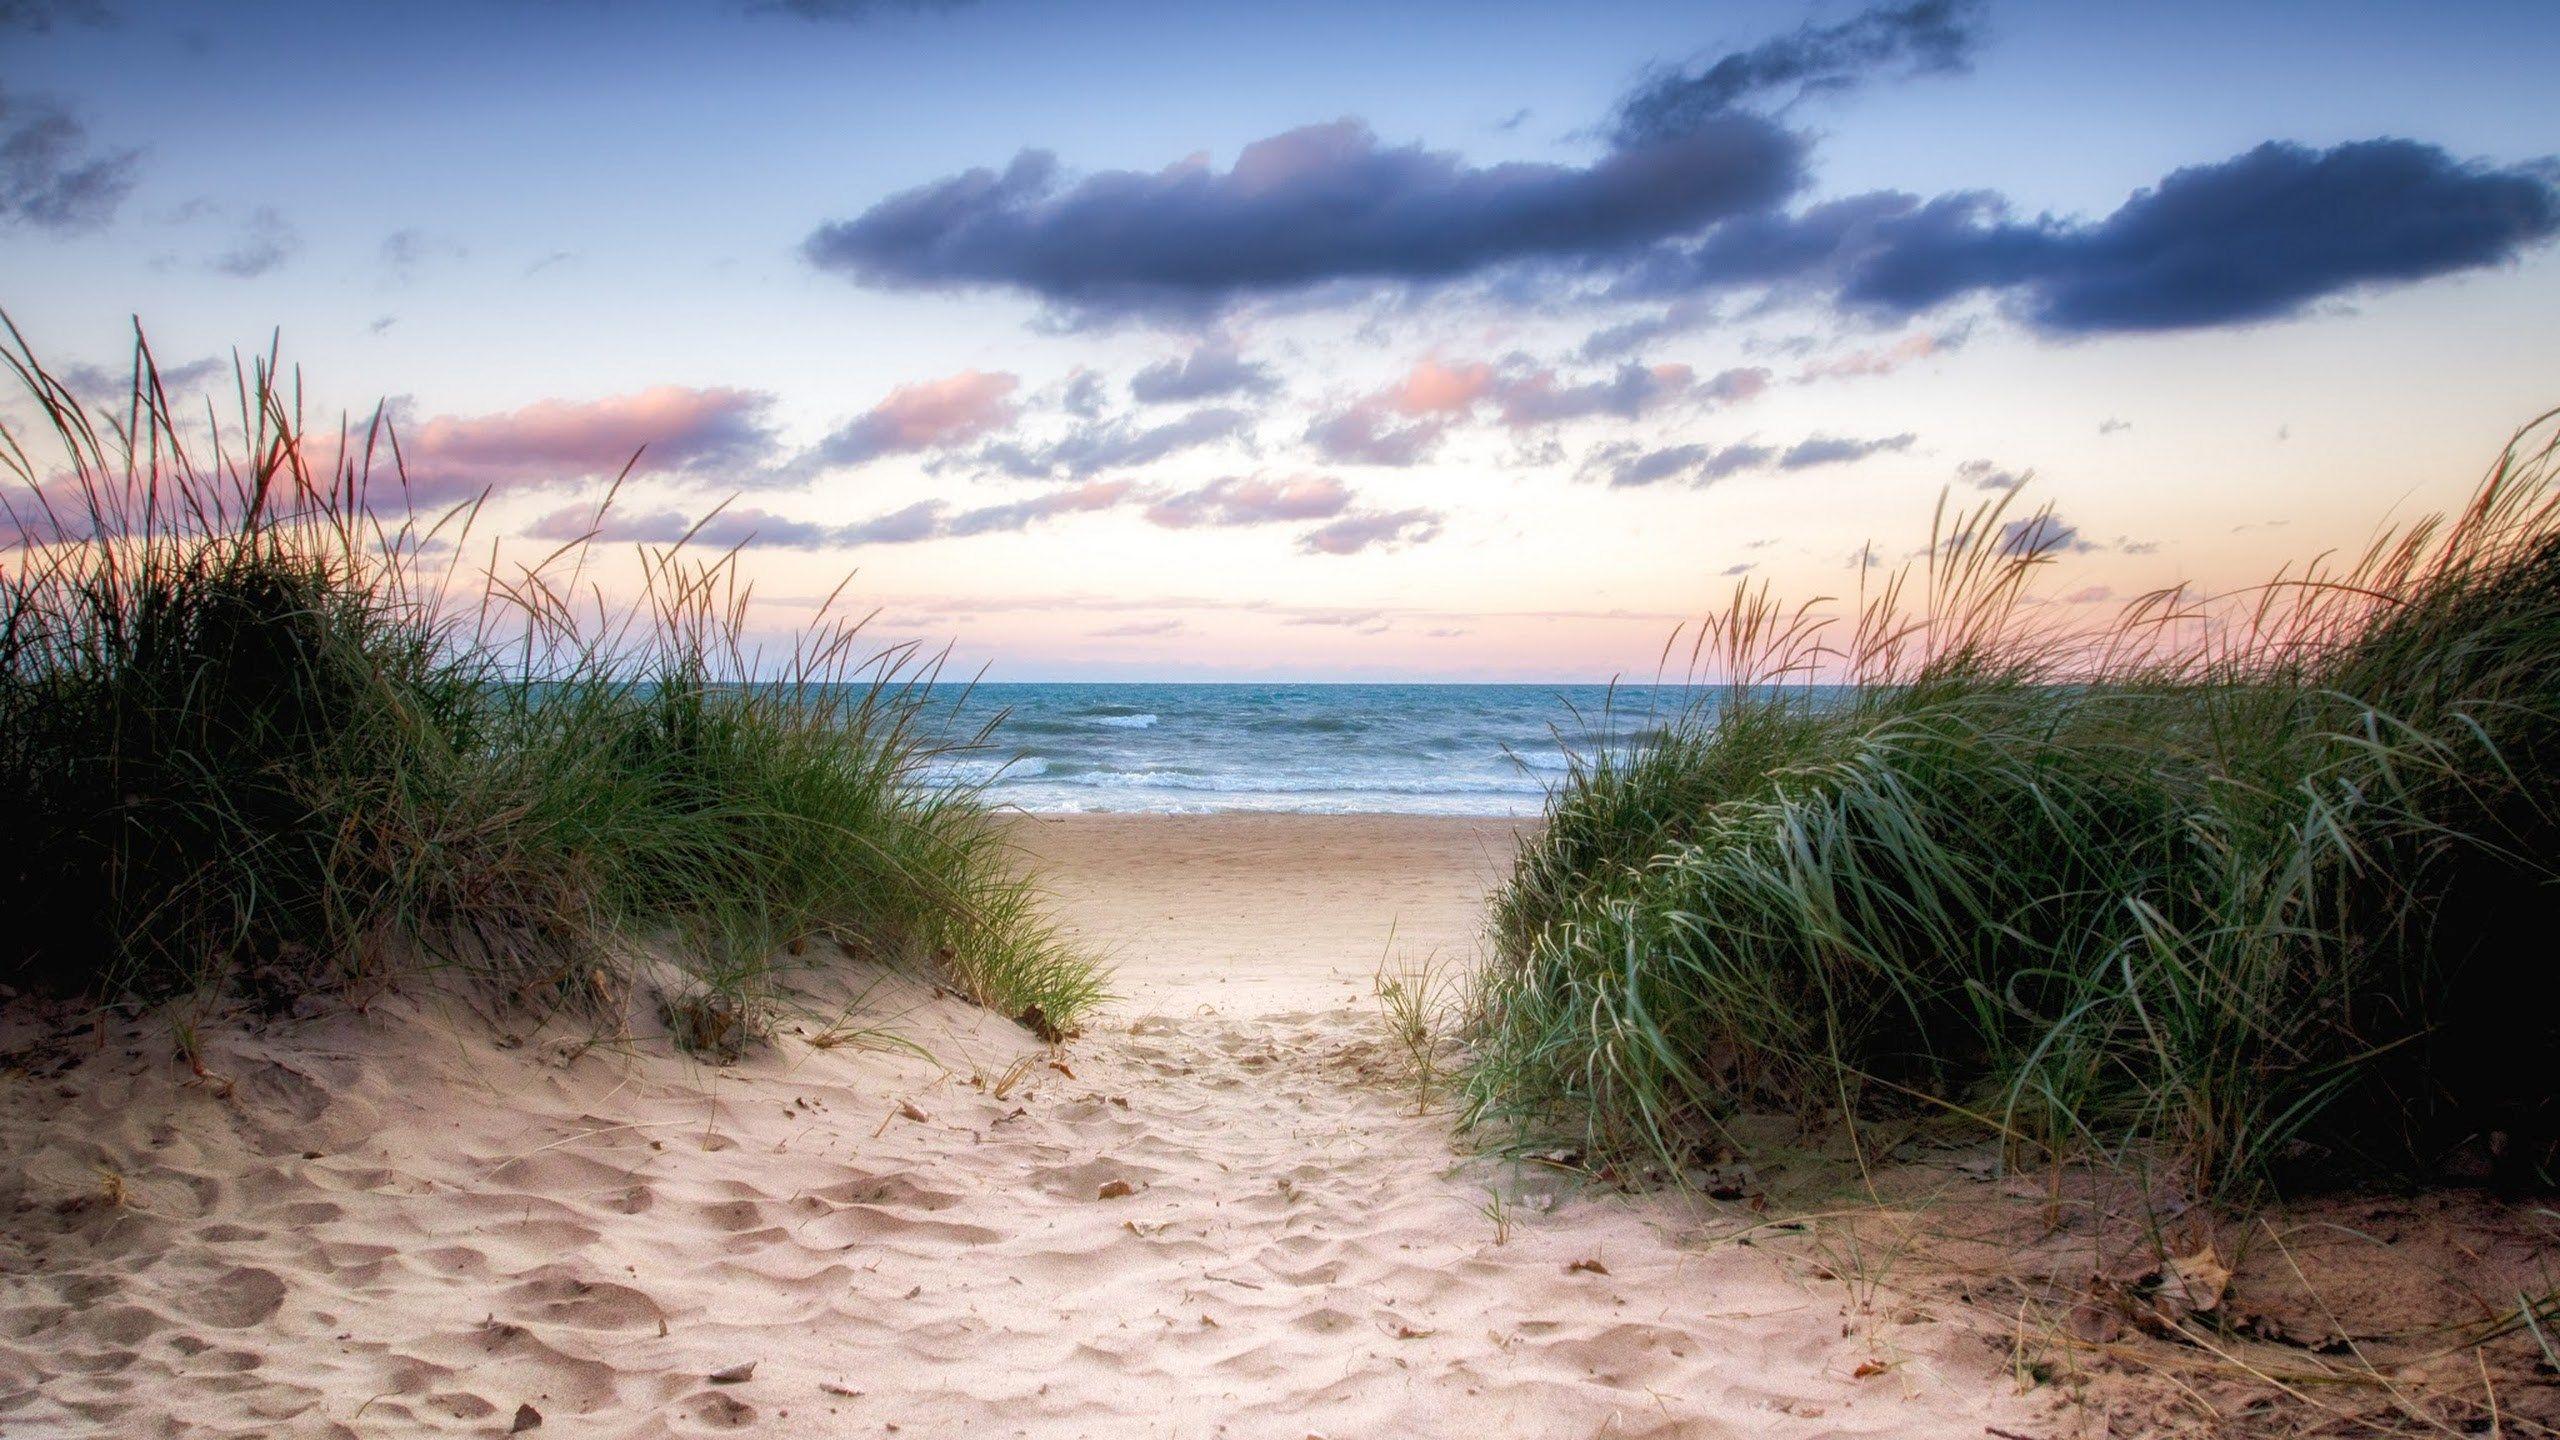 Free Screensaver Beach Beach Wallpaper Wallpaper